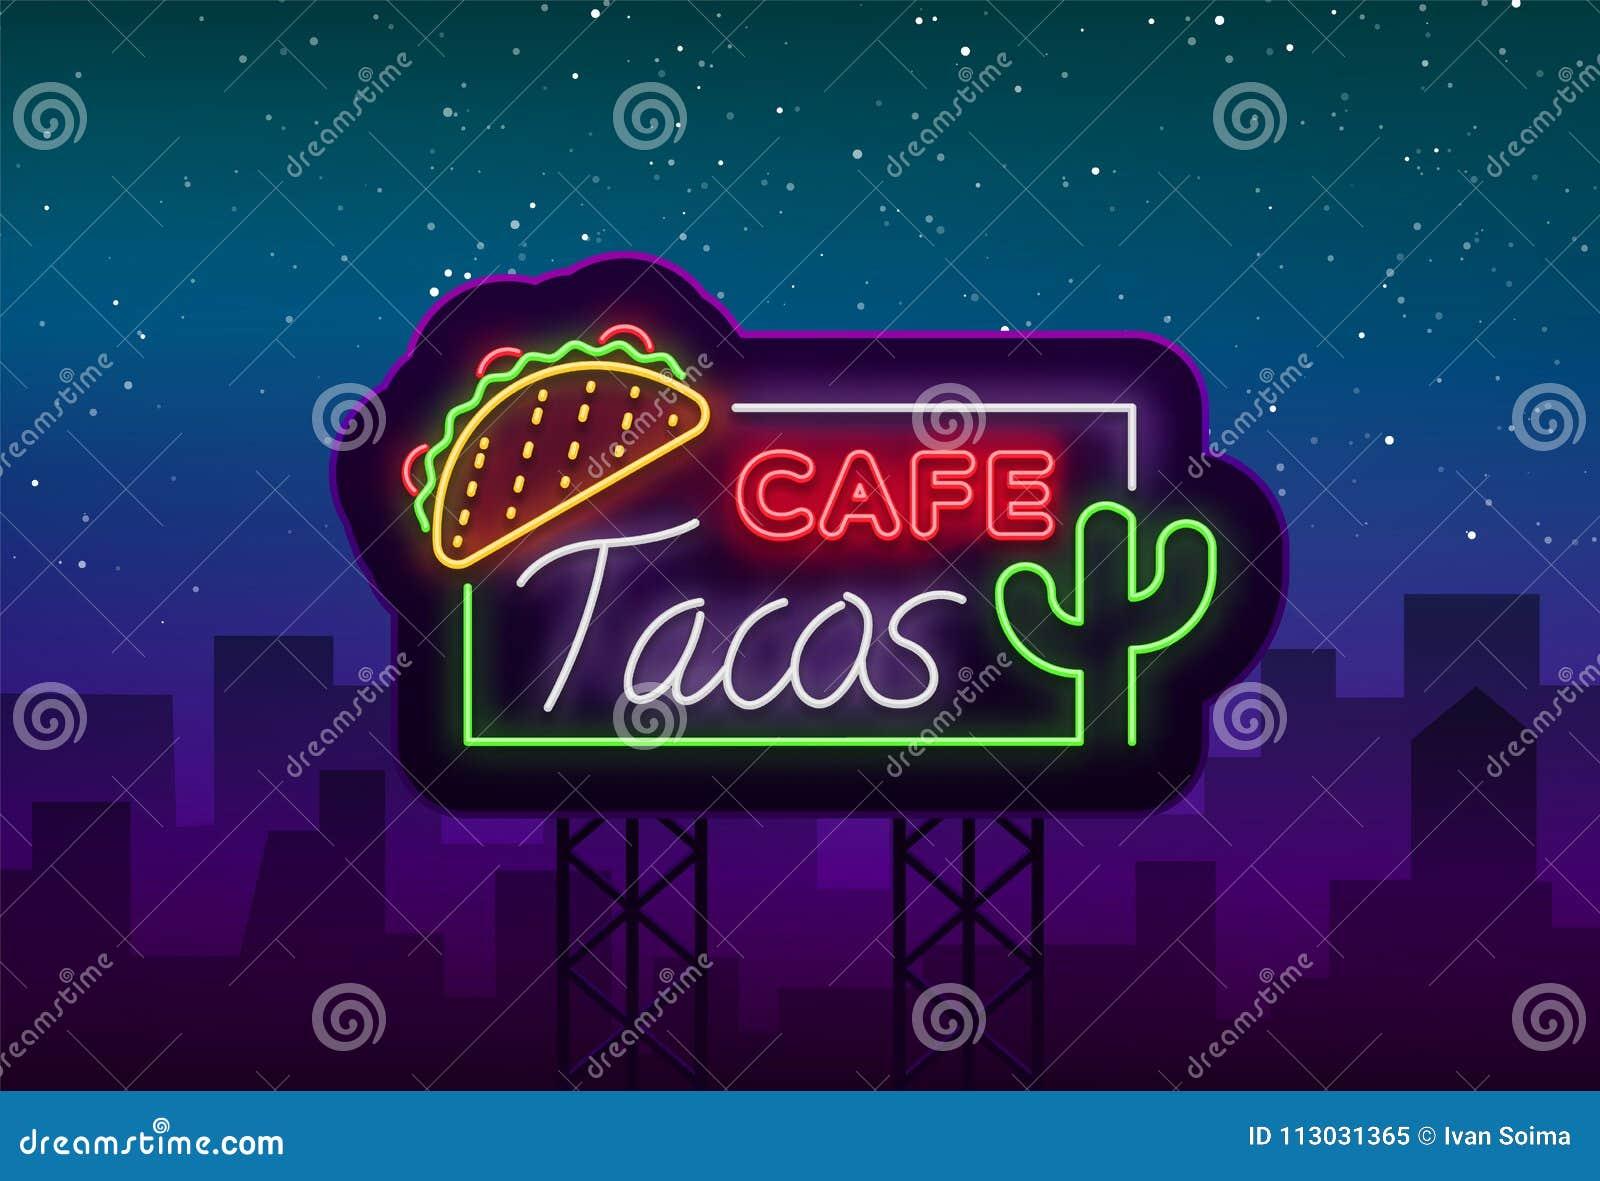 Logotipo de los tacos en el estilo de neón Señal de neón, símbolo, cartelera brillante, publicidad nocturna del taco mexicano de